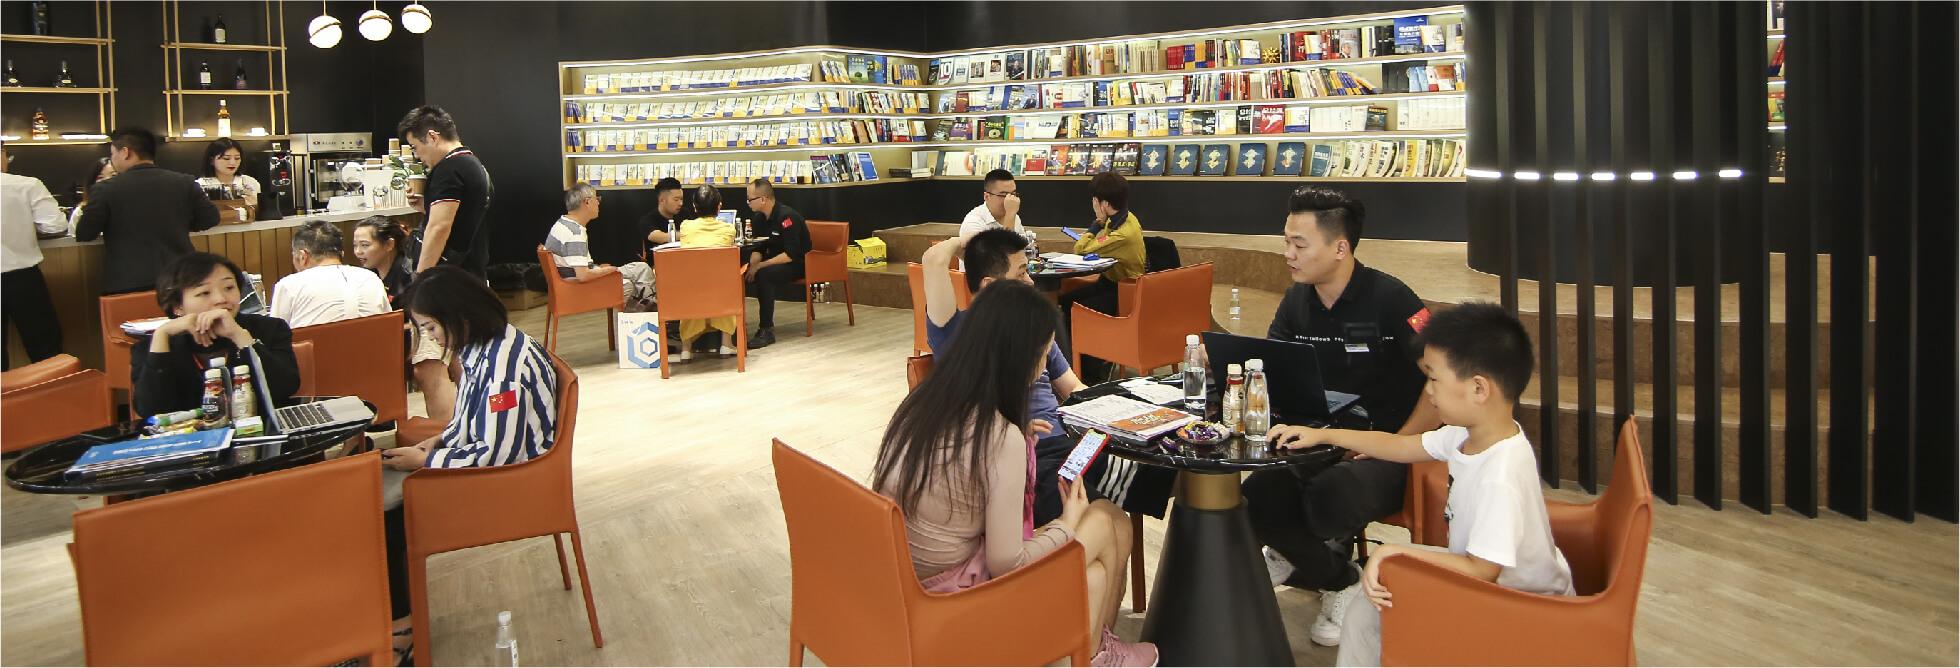 上海家博会现场示图2